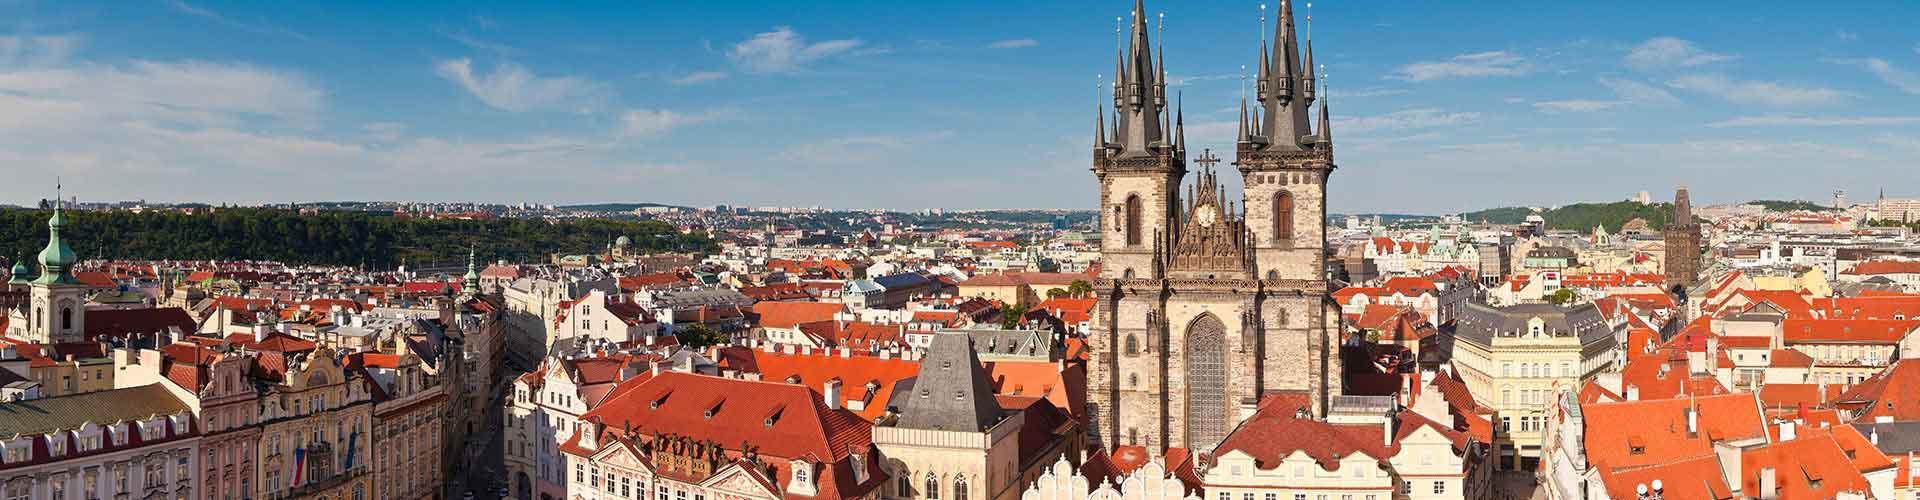 Praha – Hostellit lähellä Tyn kirkko. Praha -karttoja, valokuvia ja arvosteluja kaikista Praha -hostelleista.